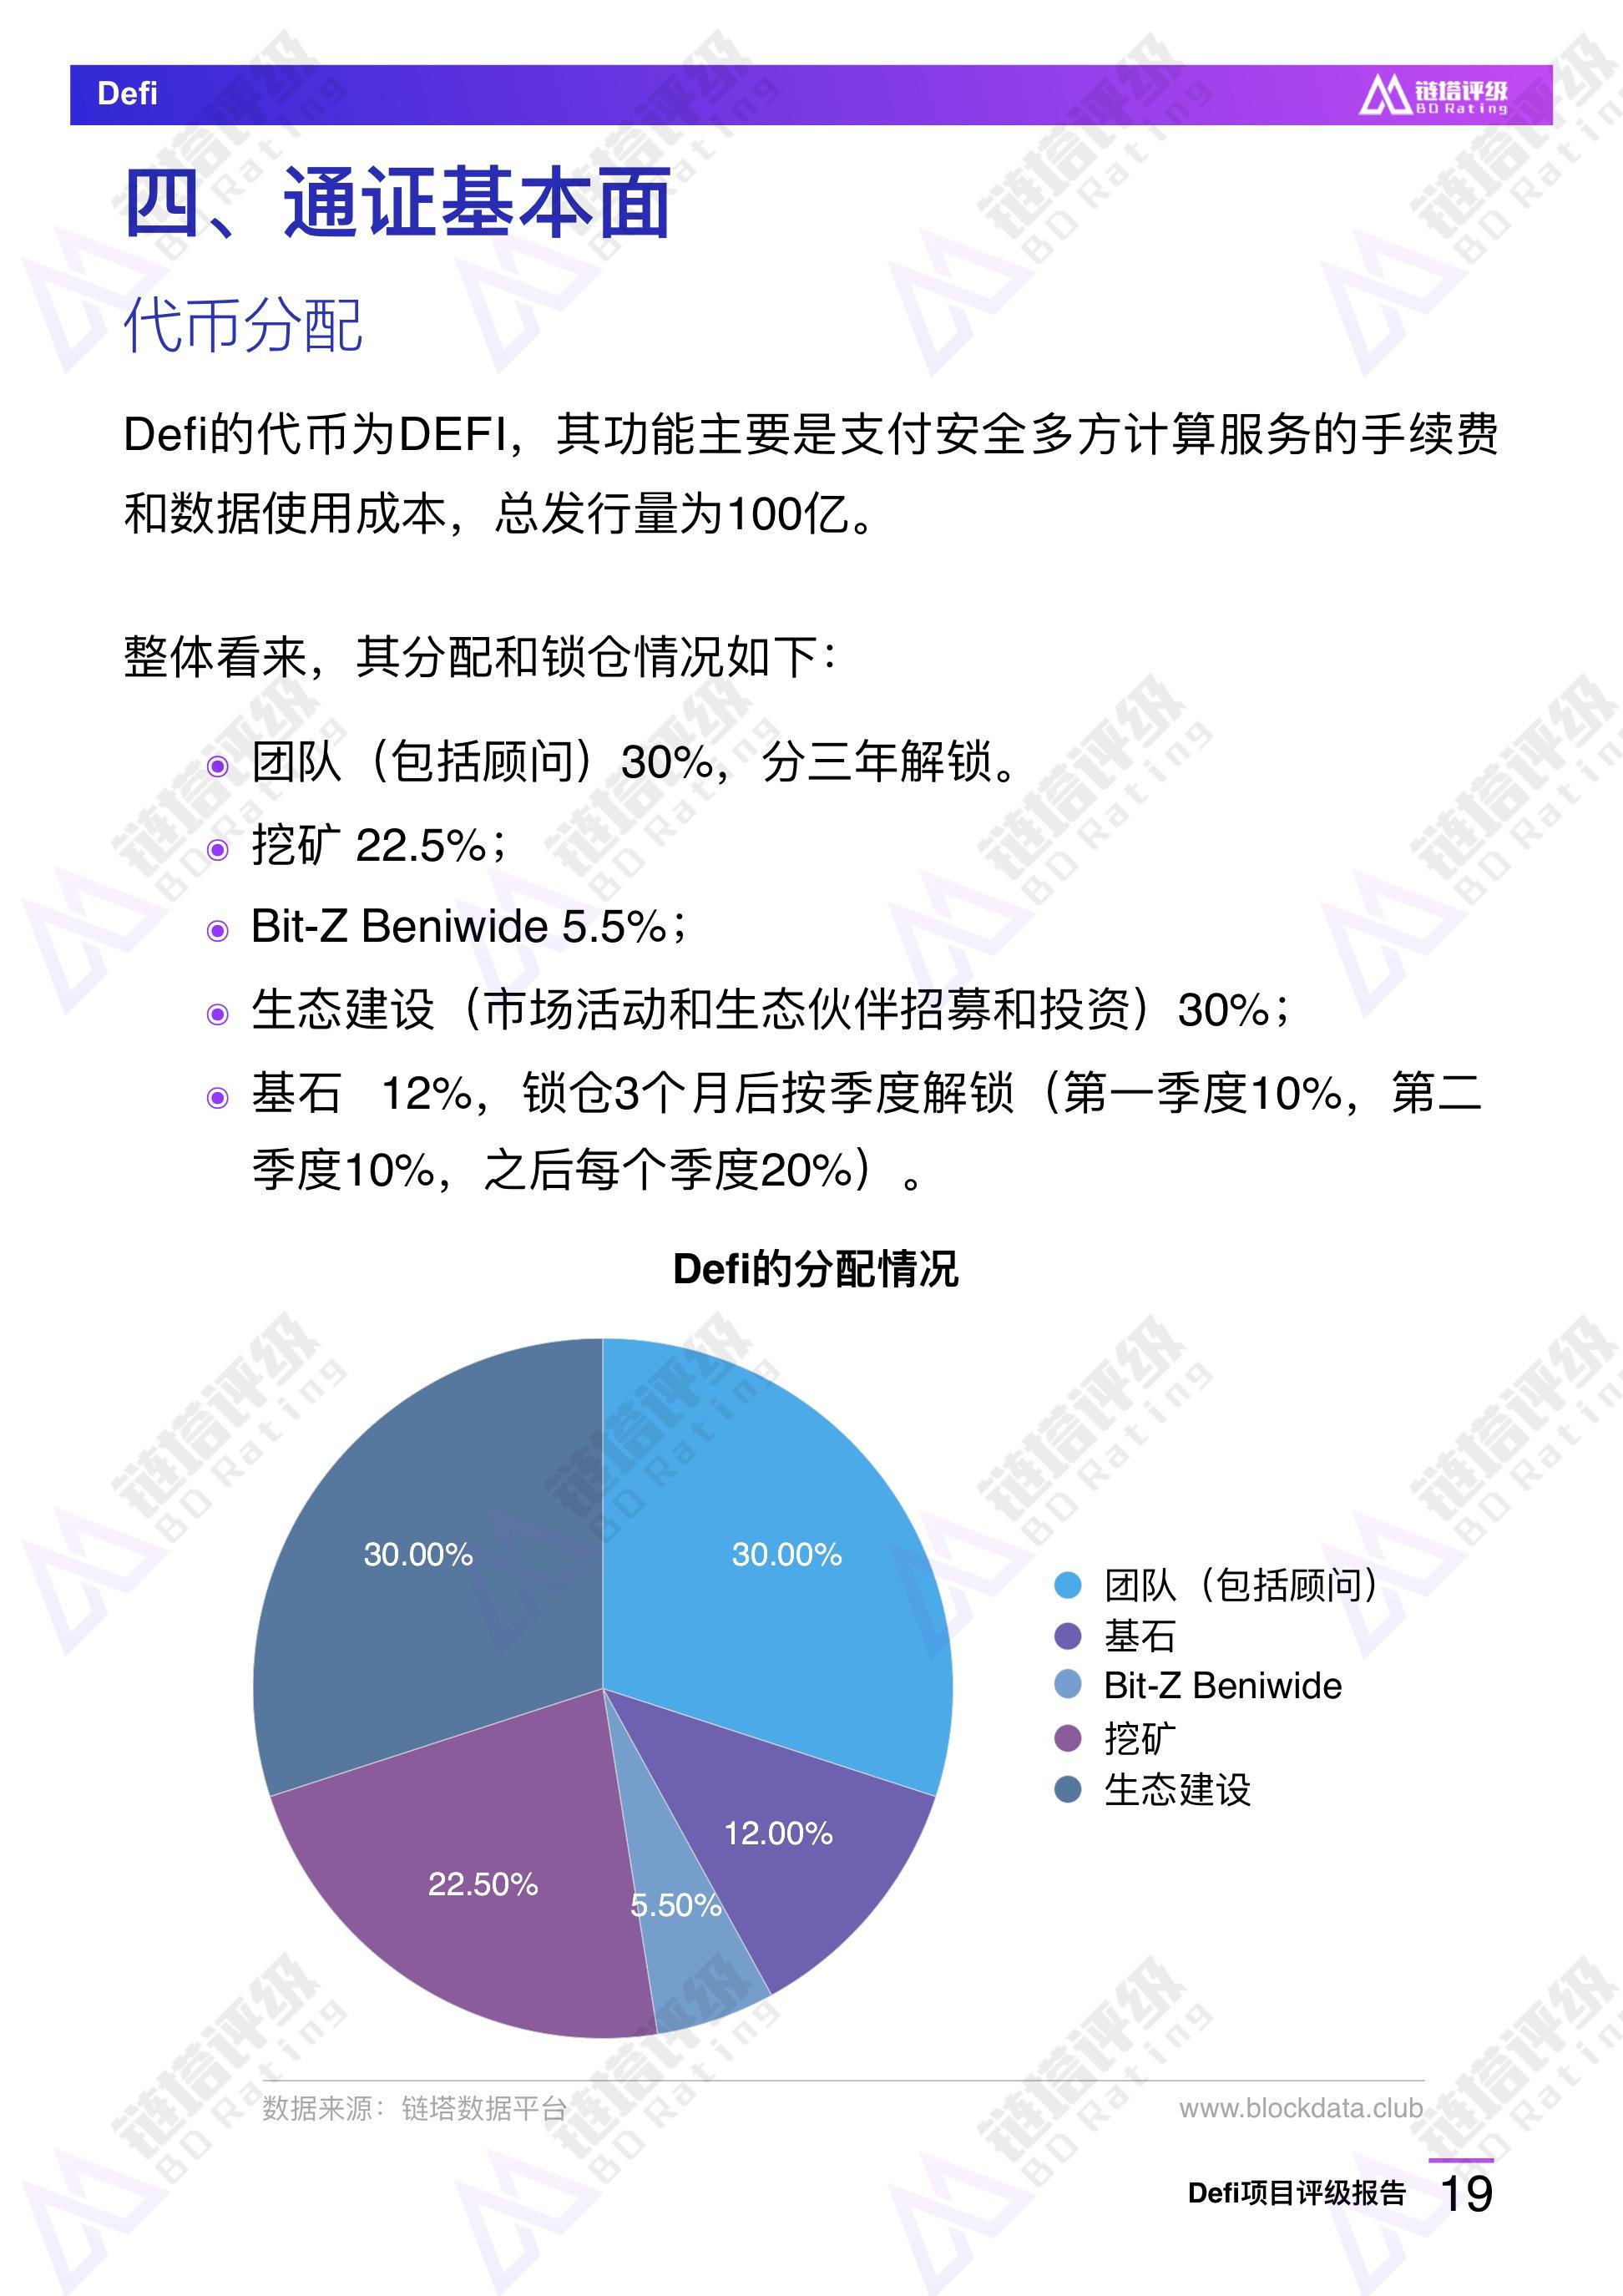 Defi项目评级:项目场景设计合理,部分社交媒体活跃度低 | 链塔智库